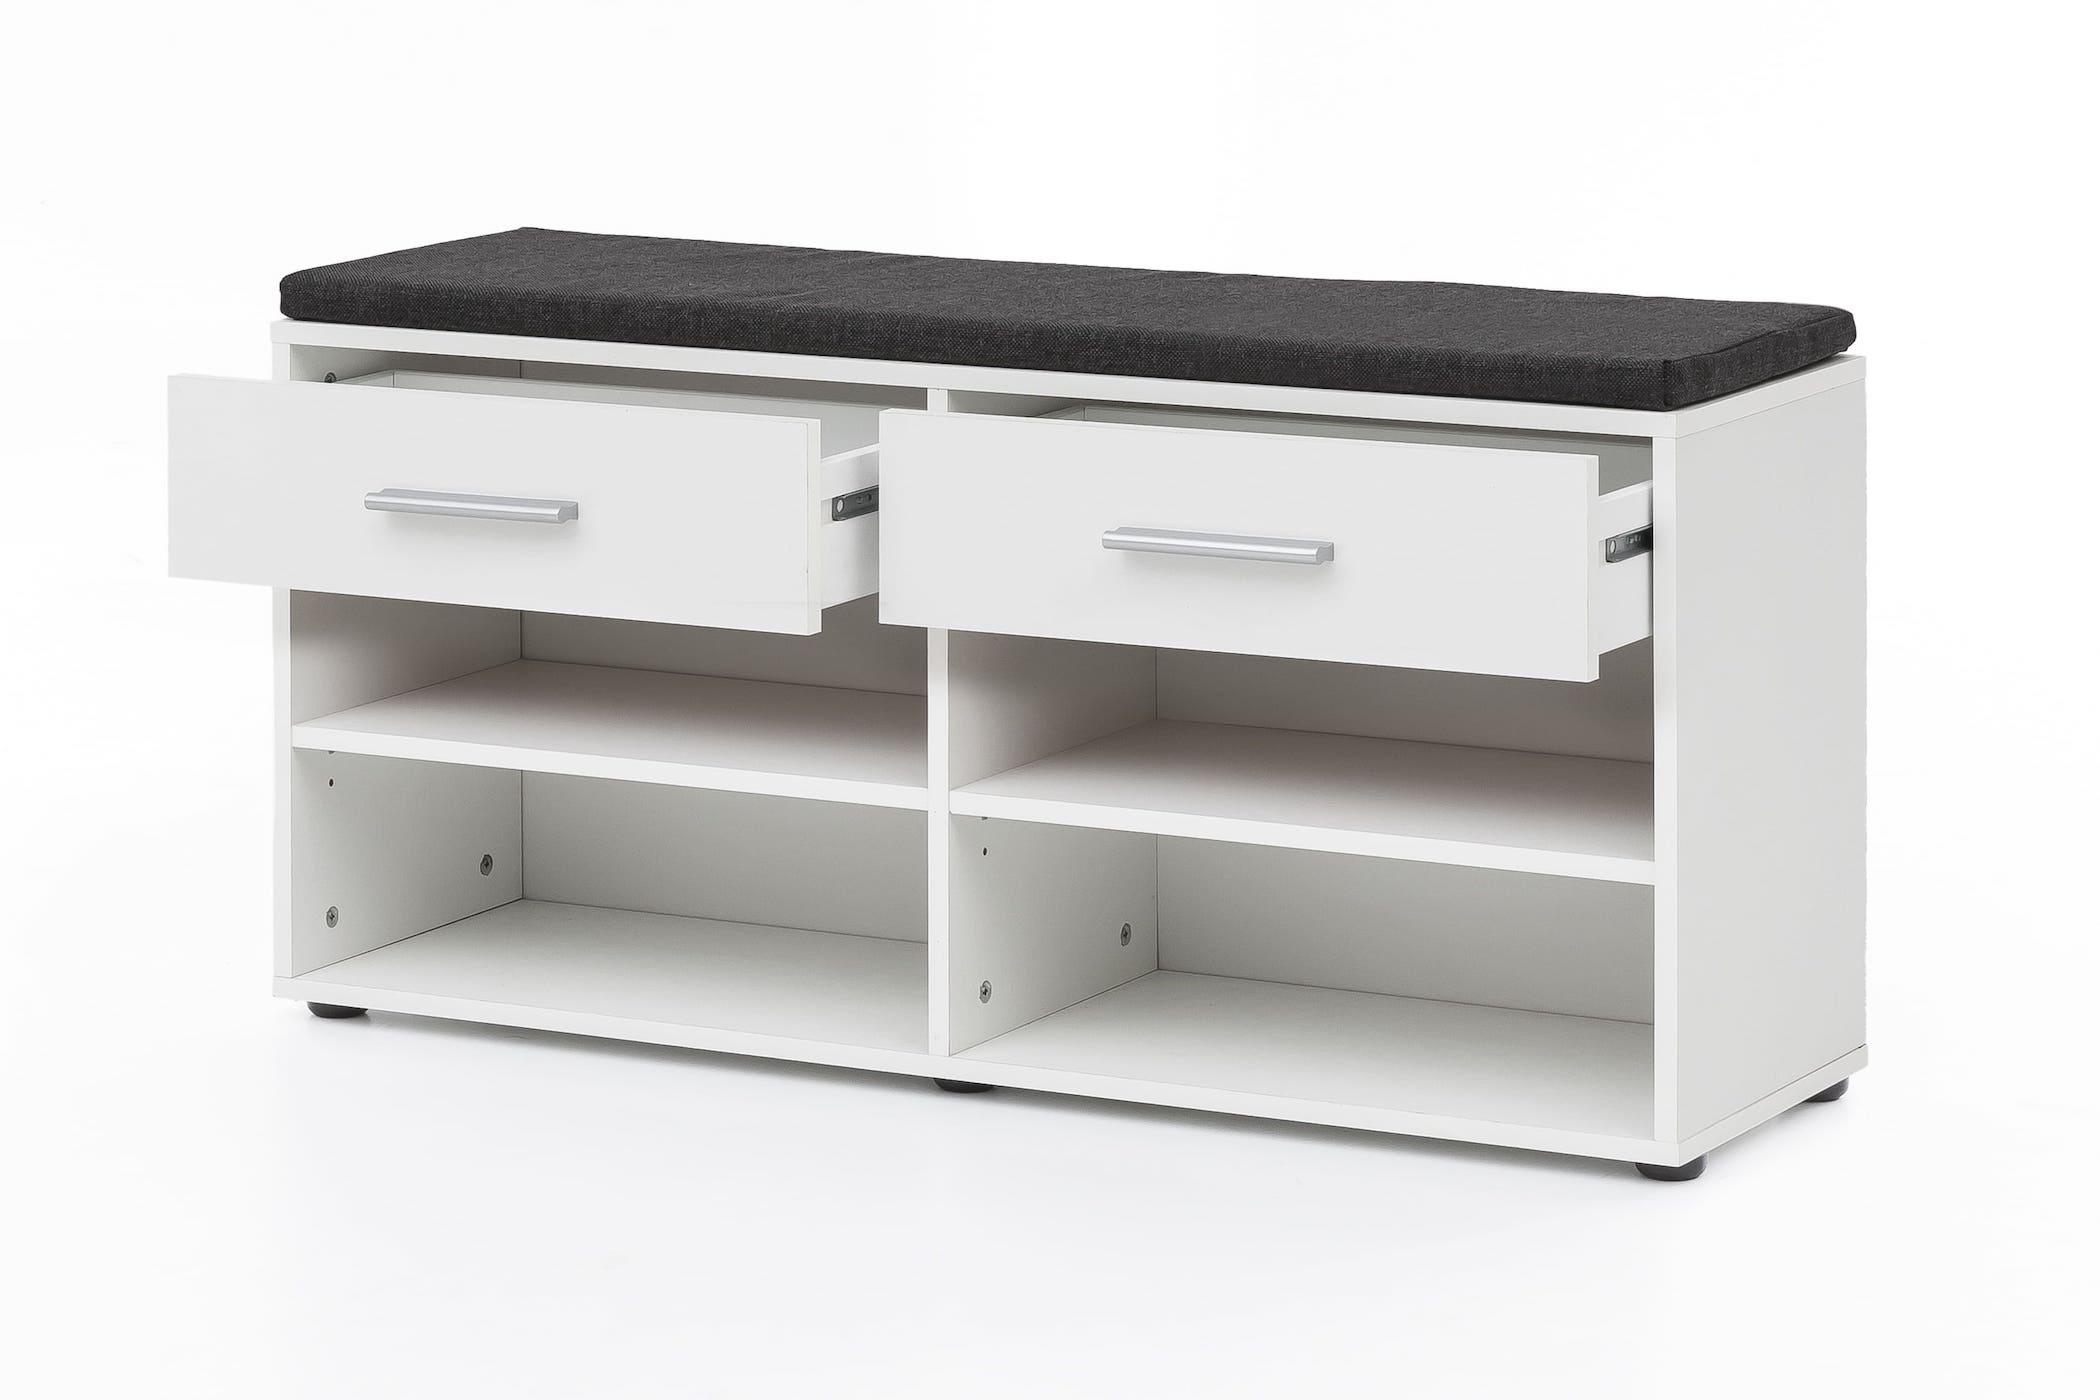 sitzbank mit sitzpolster 2 schubladen wei. Black Bedroom Furniture Sets. Home Design Ideas